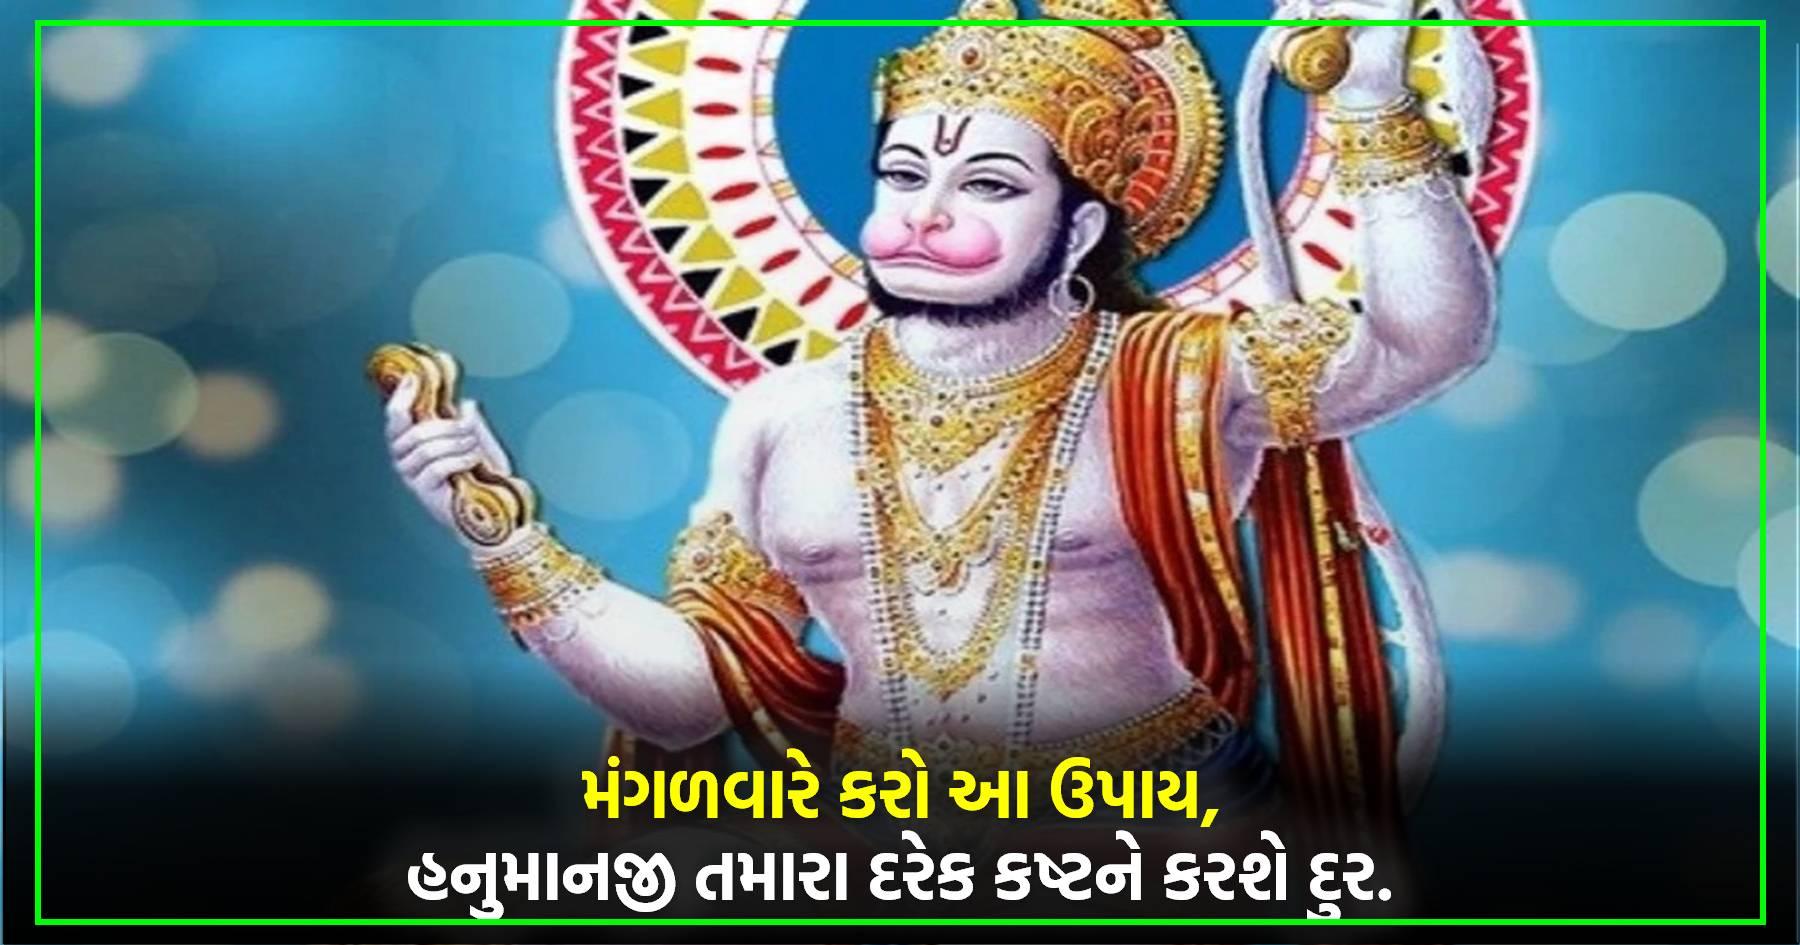 મંગળવારે કરો આ ઉપાય, હનુમાનજી તમારા દરેક કષ્ટને કરશે દુર.